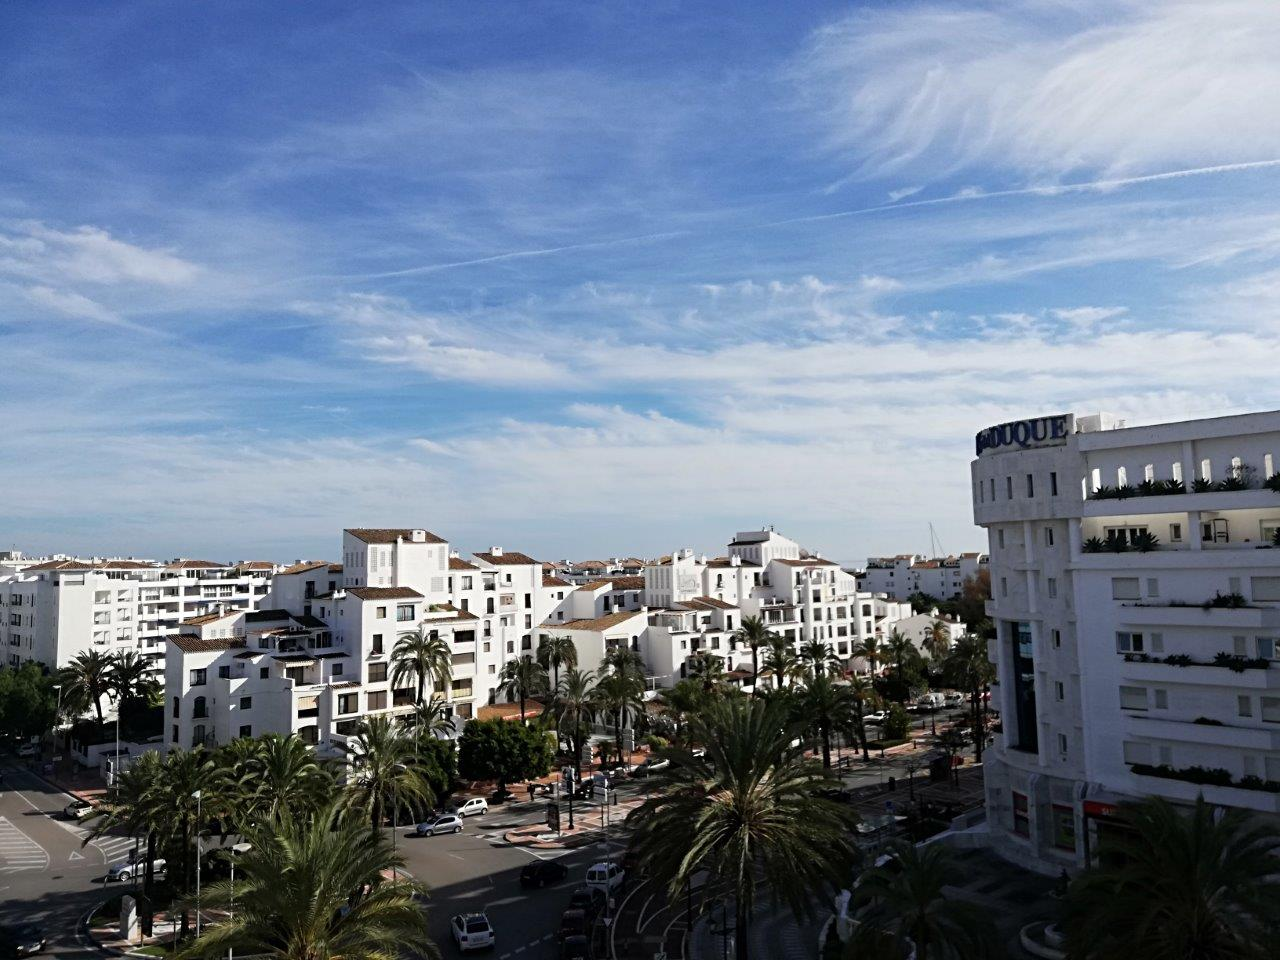 Suuri katto huoneisto, jossa on suuri terassi ja upeat näkymät Puerto Banusiin ja joitain näkymiä merelle.